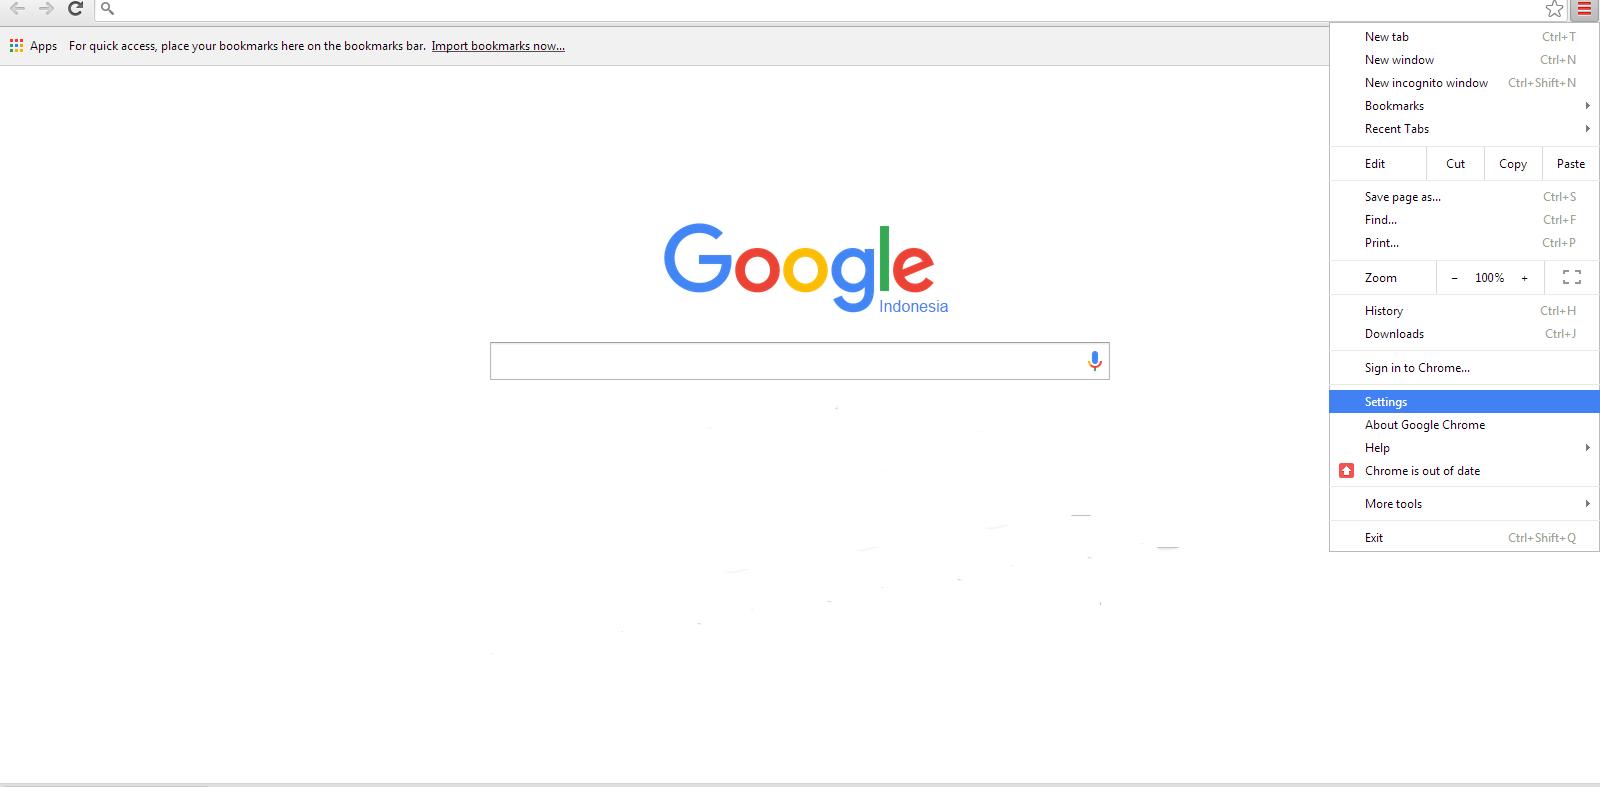 Solusi E Faktur Import Sertifikat Elektronik Google Chrome